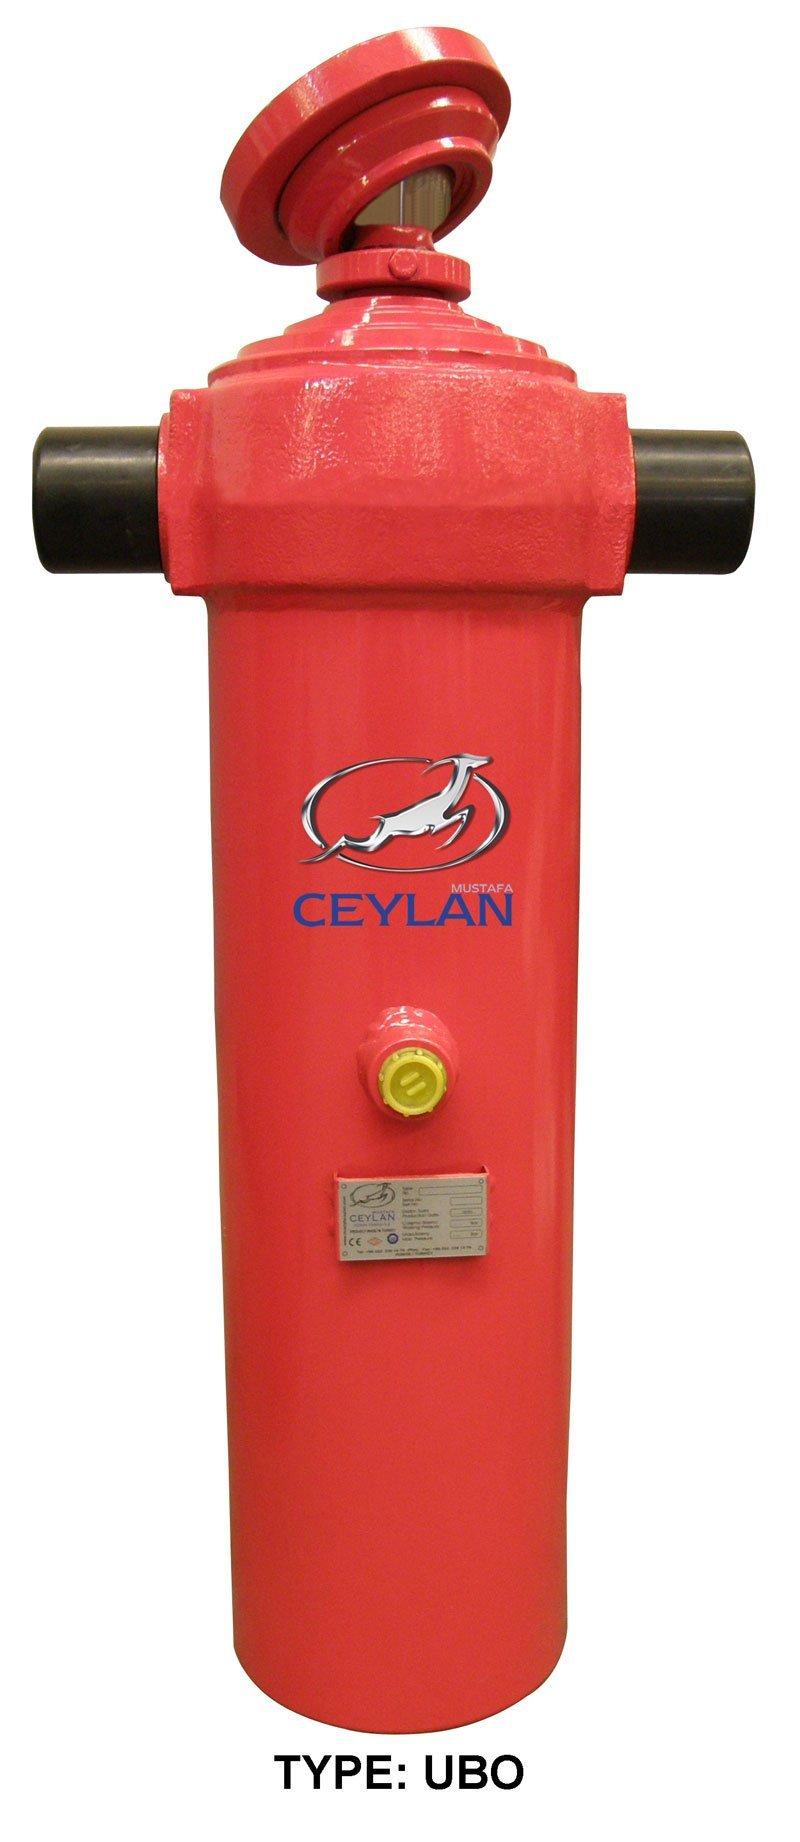 HYDRAULIC TELESCOPIC CYLINDER